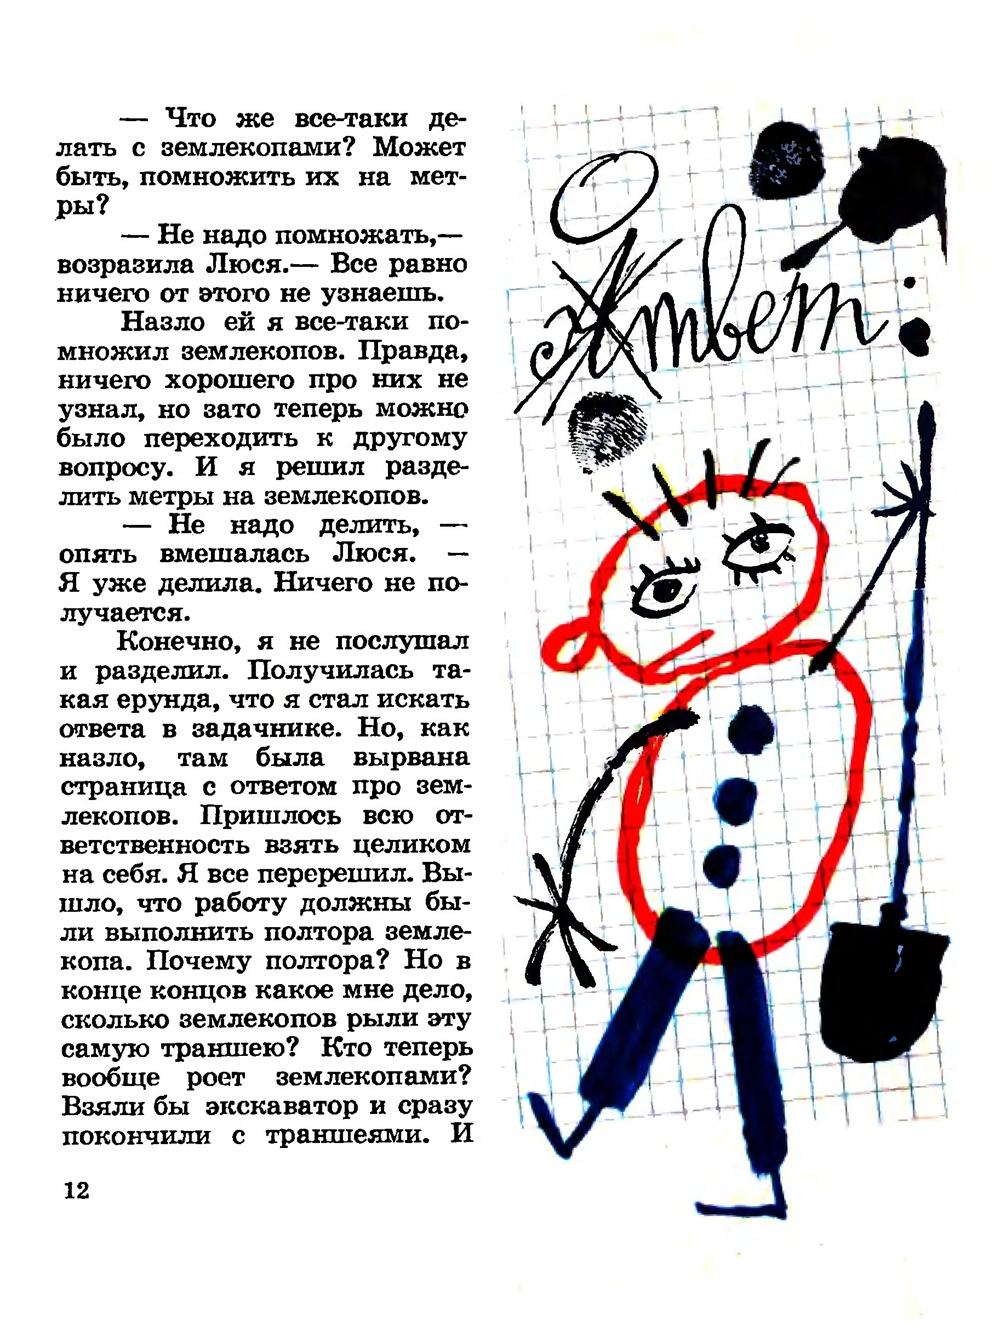 https://i5.imageban.ru/out/2020/08/28/ca84fdbcc9f6e9d661375b5be94d27d6.jpg